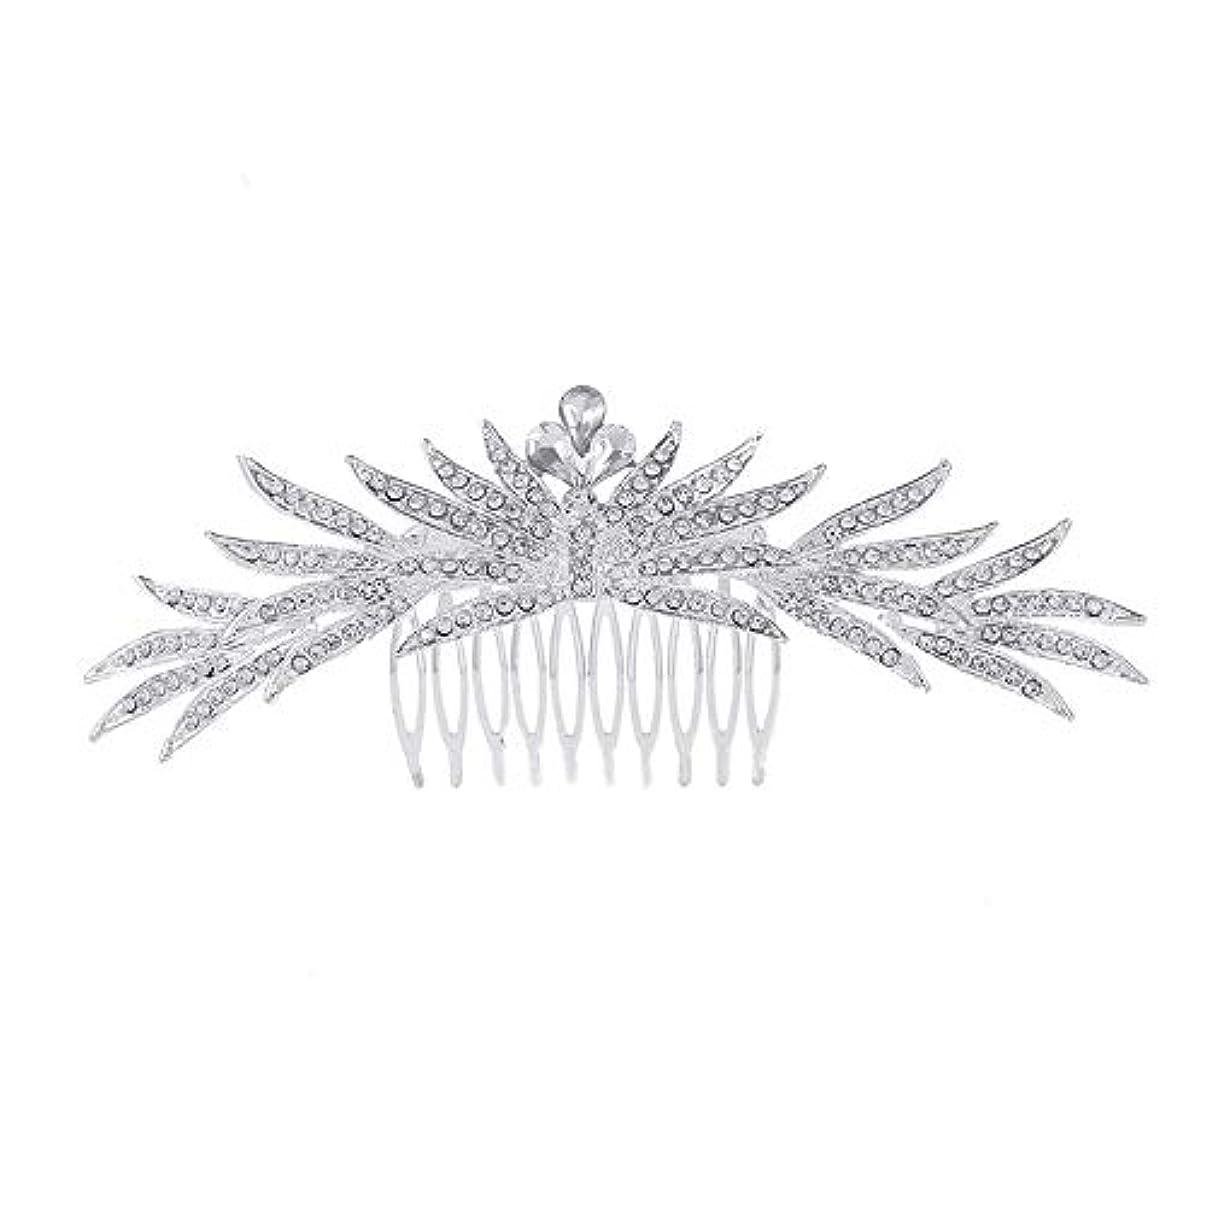 エキサイティング軌道そのような髪の櫛の櫛の櫛花嫁の髪の櫛ラインストーンの櫛亜鉛合金ブライダルヘッドドレス結婚式のアクセサリー挿入櫛